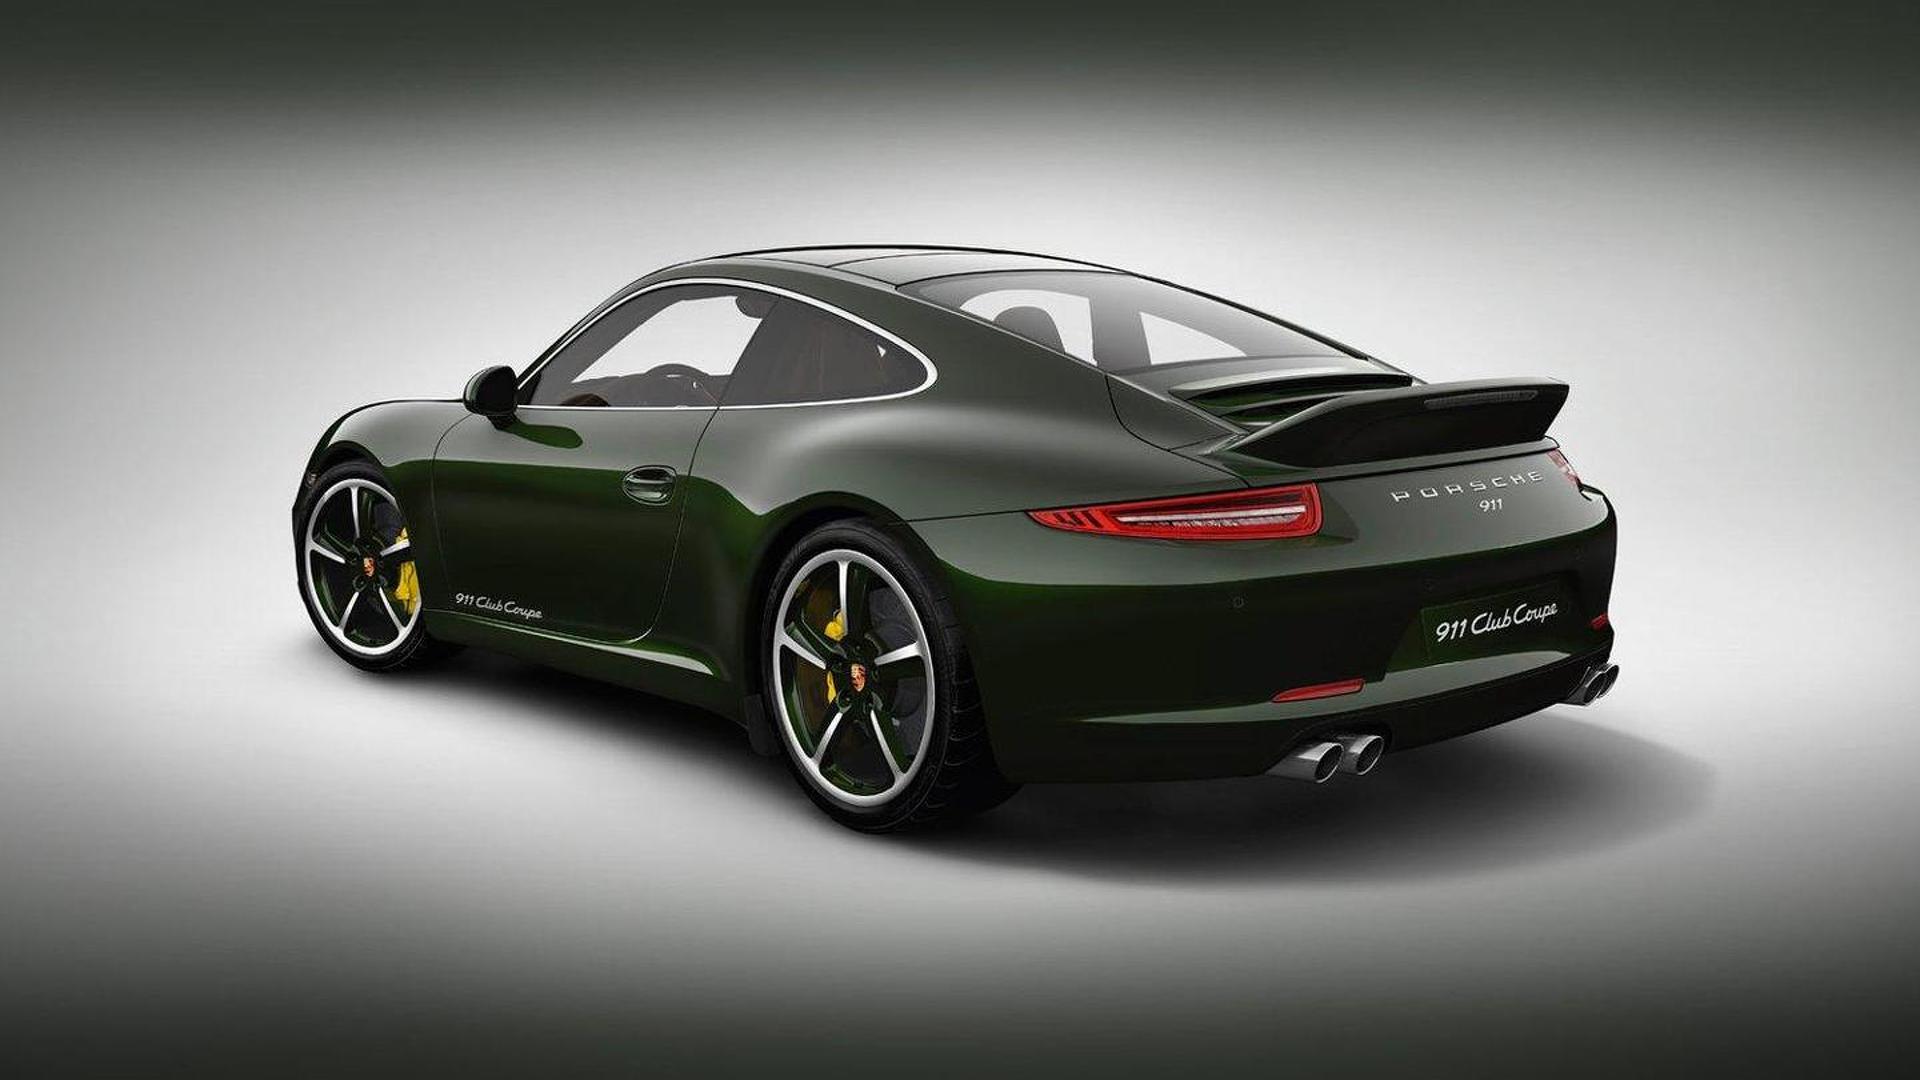 Porsche 911 Club Coupe Special Edition